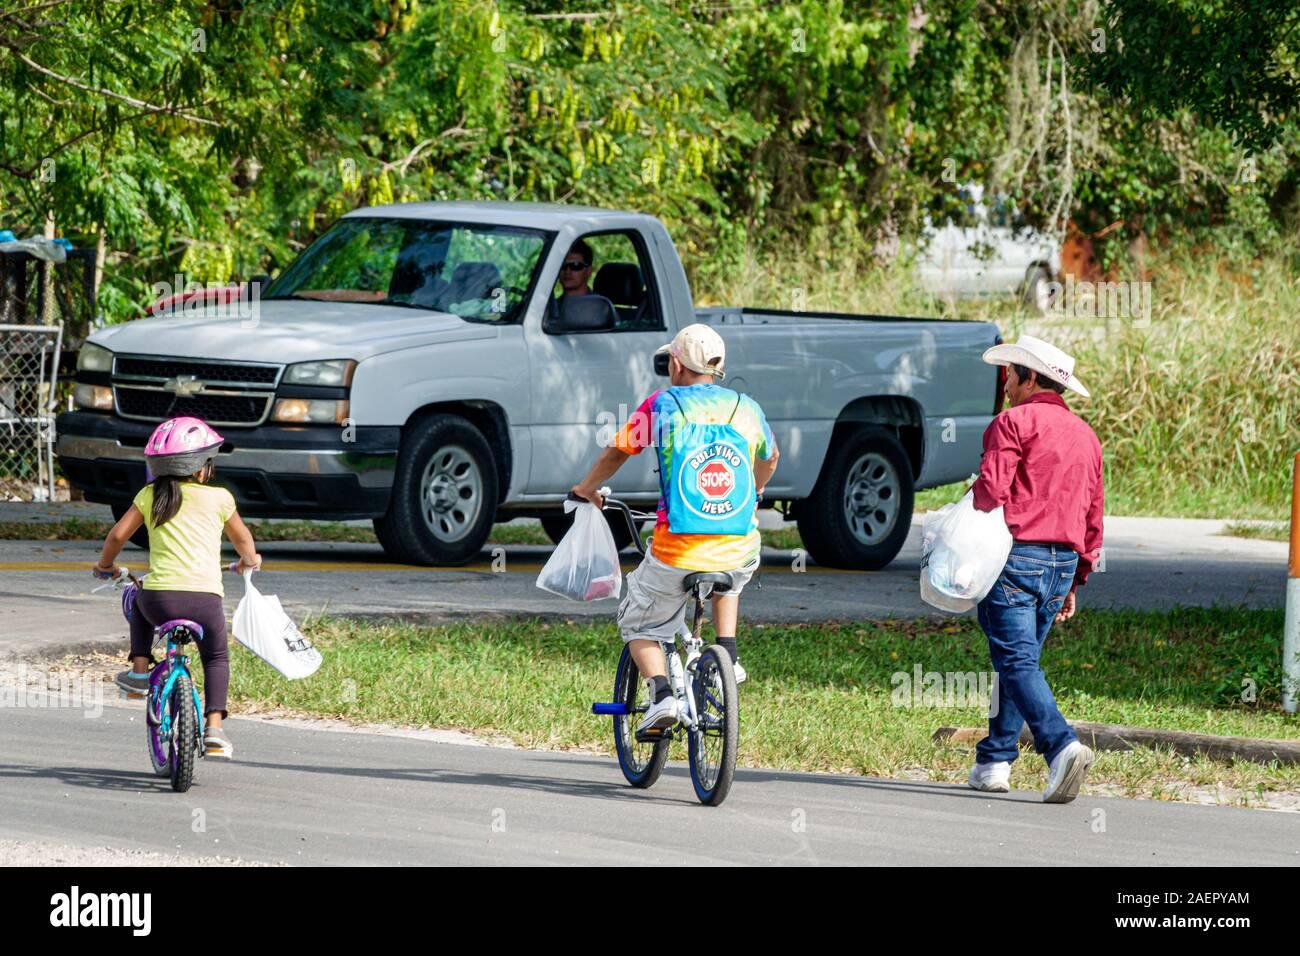 Florida Indiantown Hispanic Mann Mädchen Vater Tochter ländliche Stadt Familie Teen junge Mädchen Freunde Fahrrad Reiten Walking Pickup LKW Stockfoto